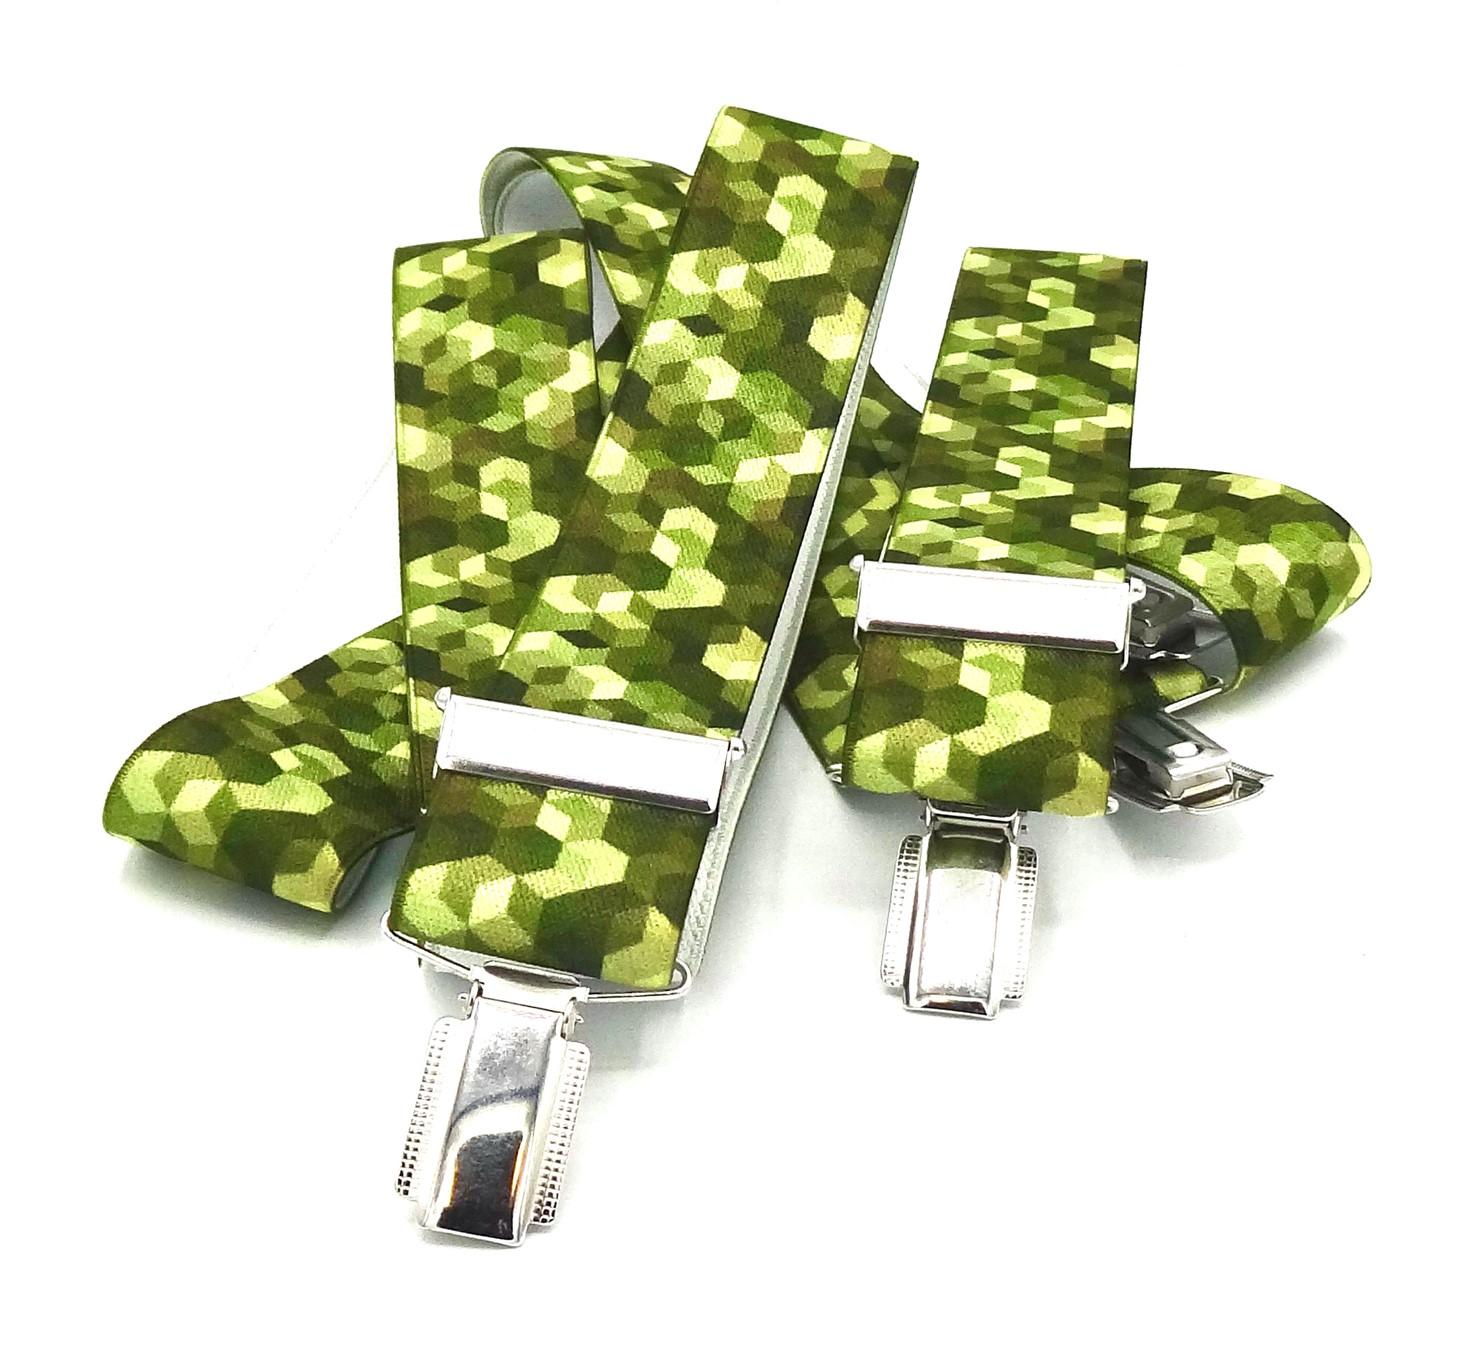 Bretels tinten groen met zes hoekig blokjes patroon